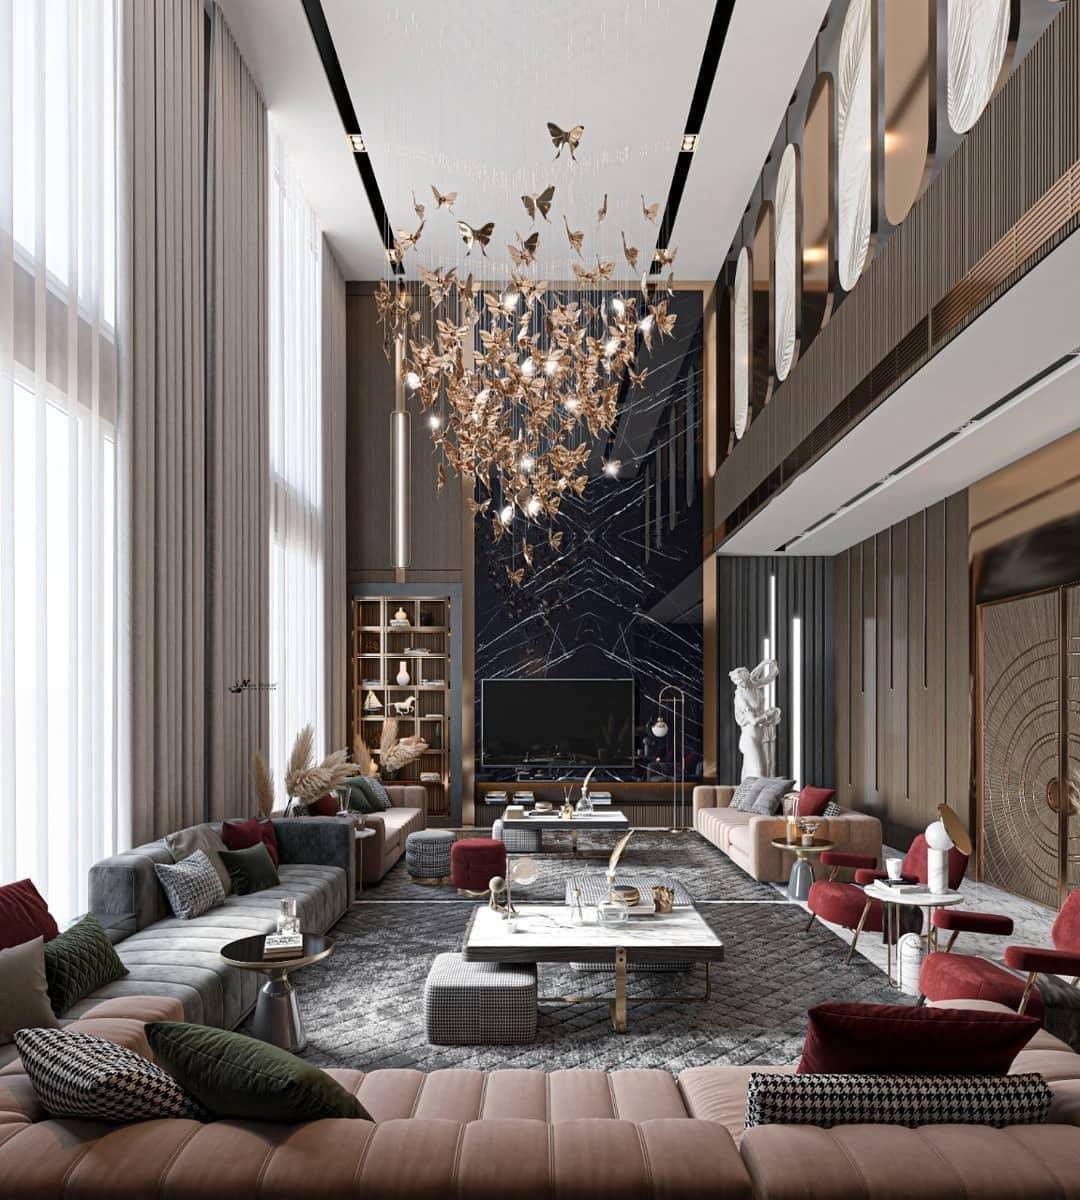 32+ Living room ideas luxury ppdb 2021